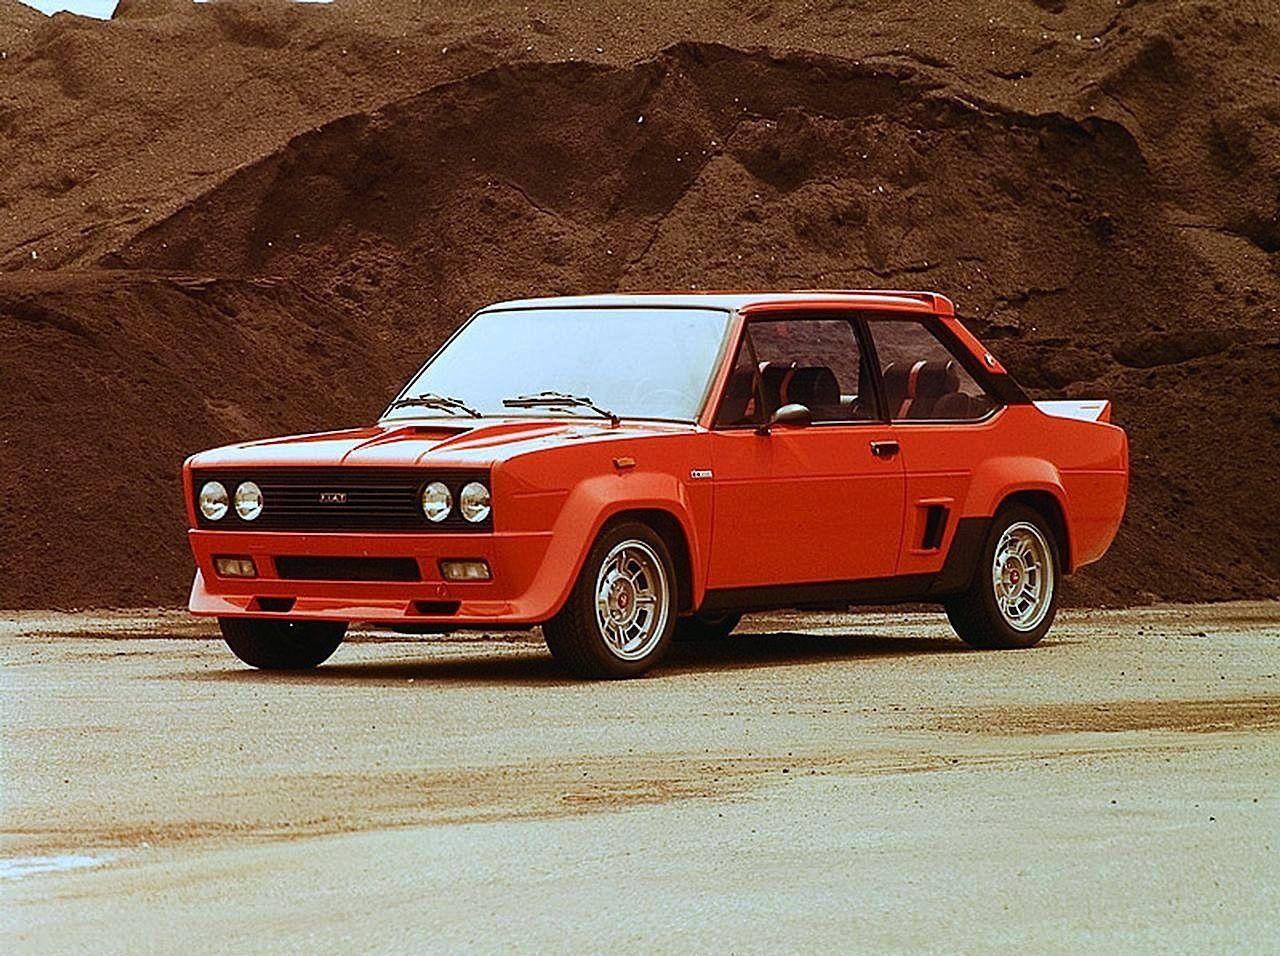 Fiat 131 Abarth Fiat Abarth Fiat Fiat Cars